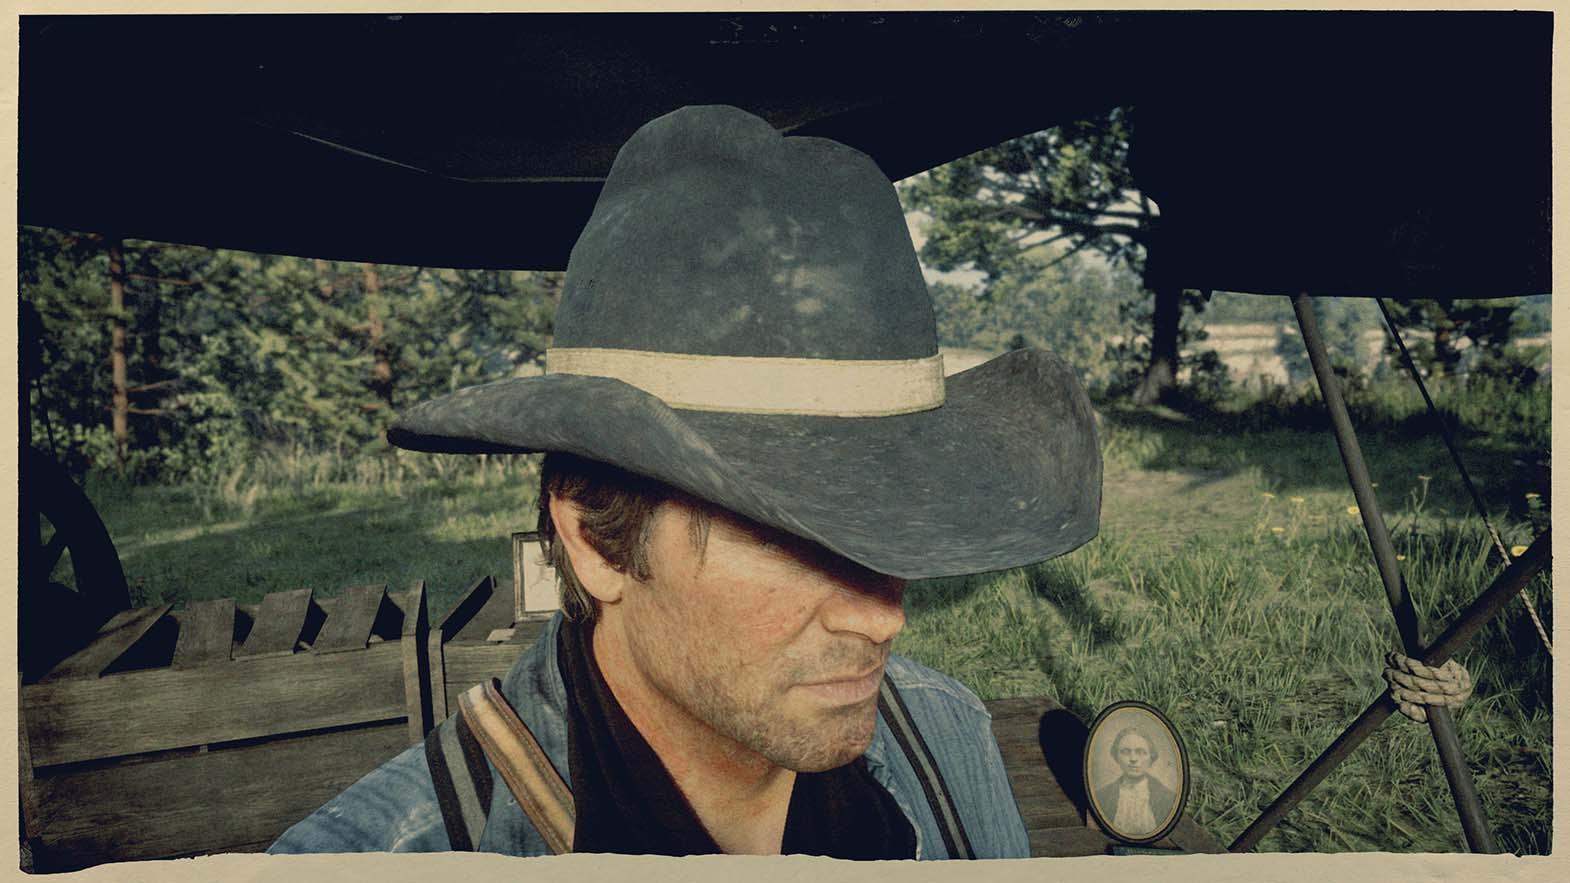 Bulldogger Hat - Wheeler, Rawson and Co